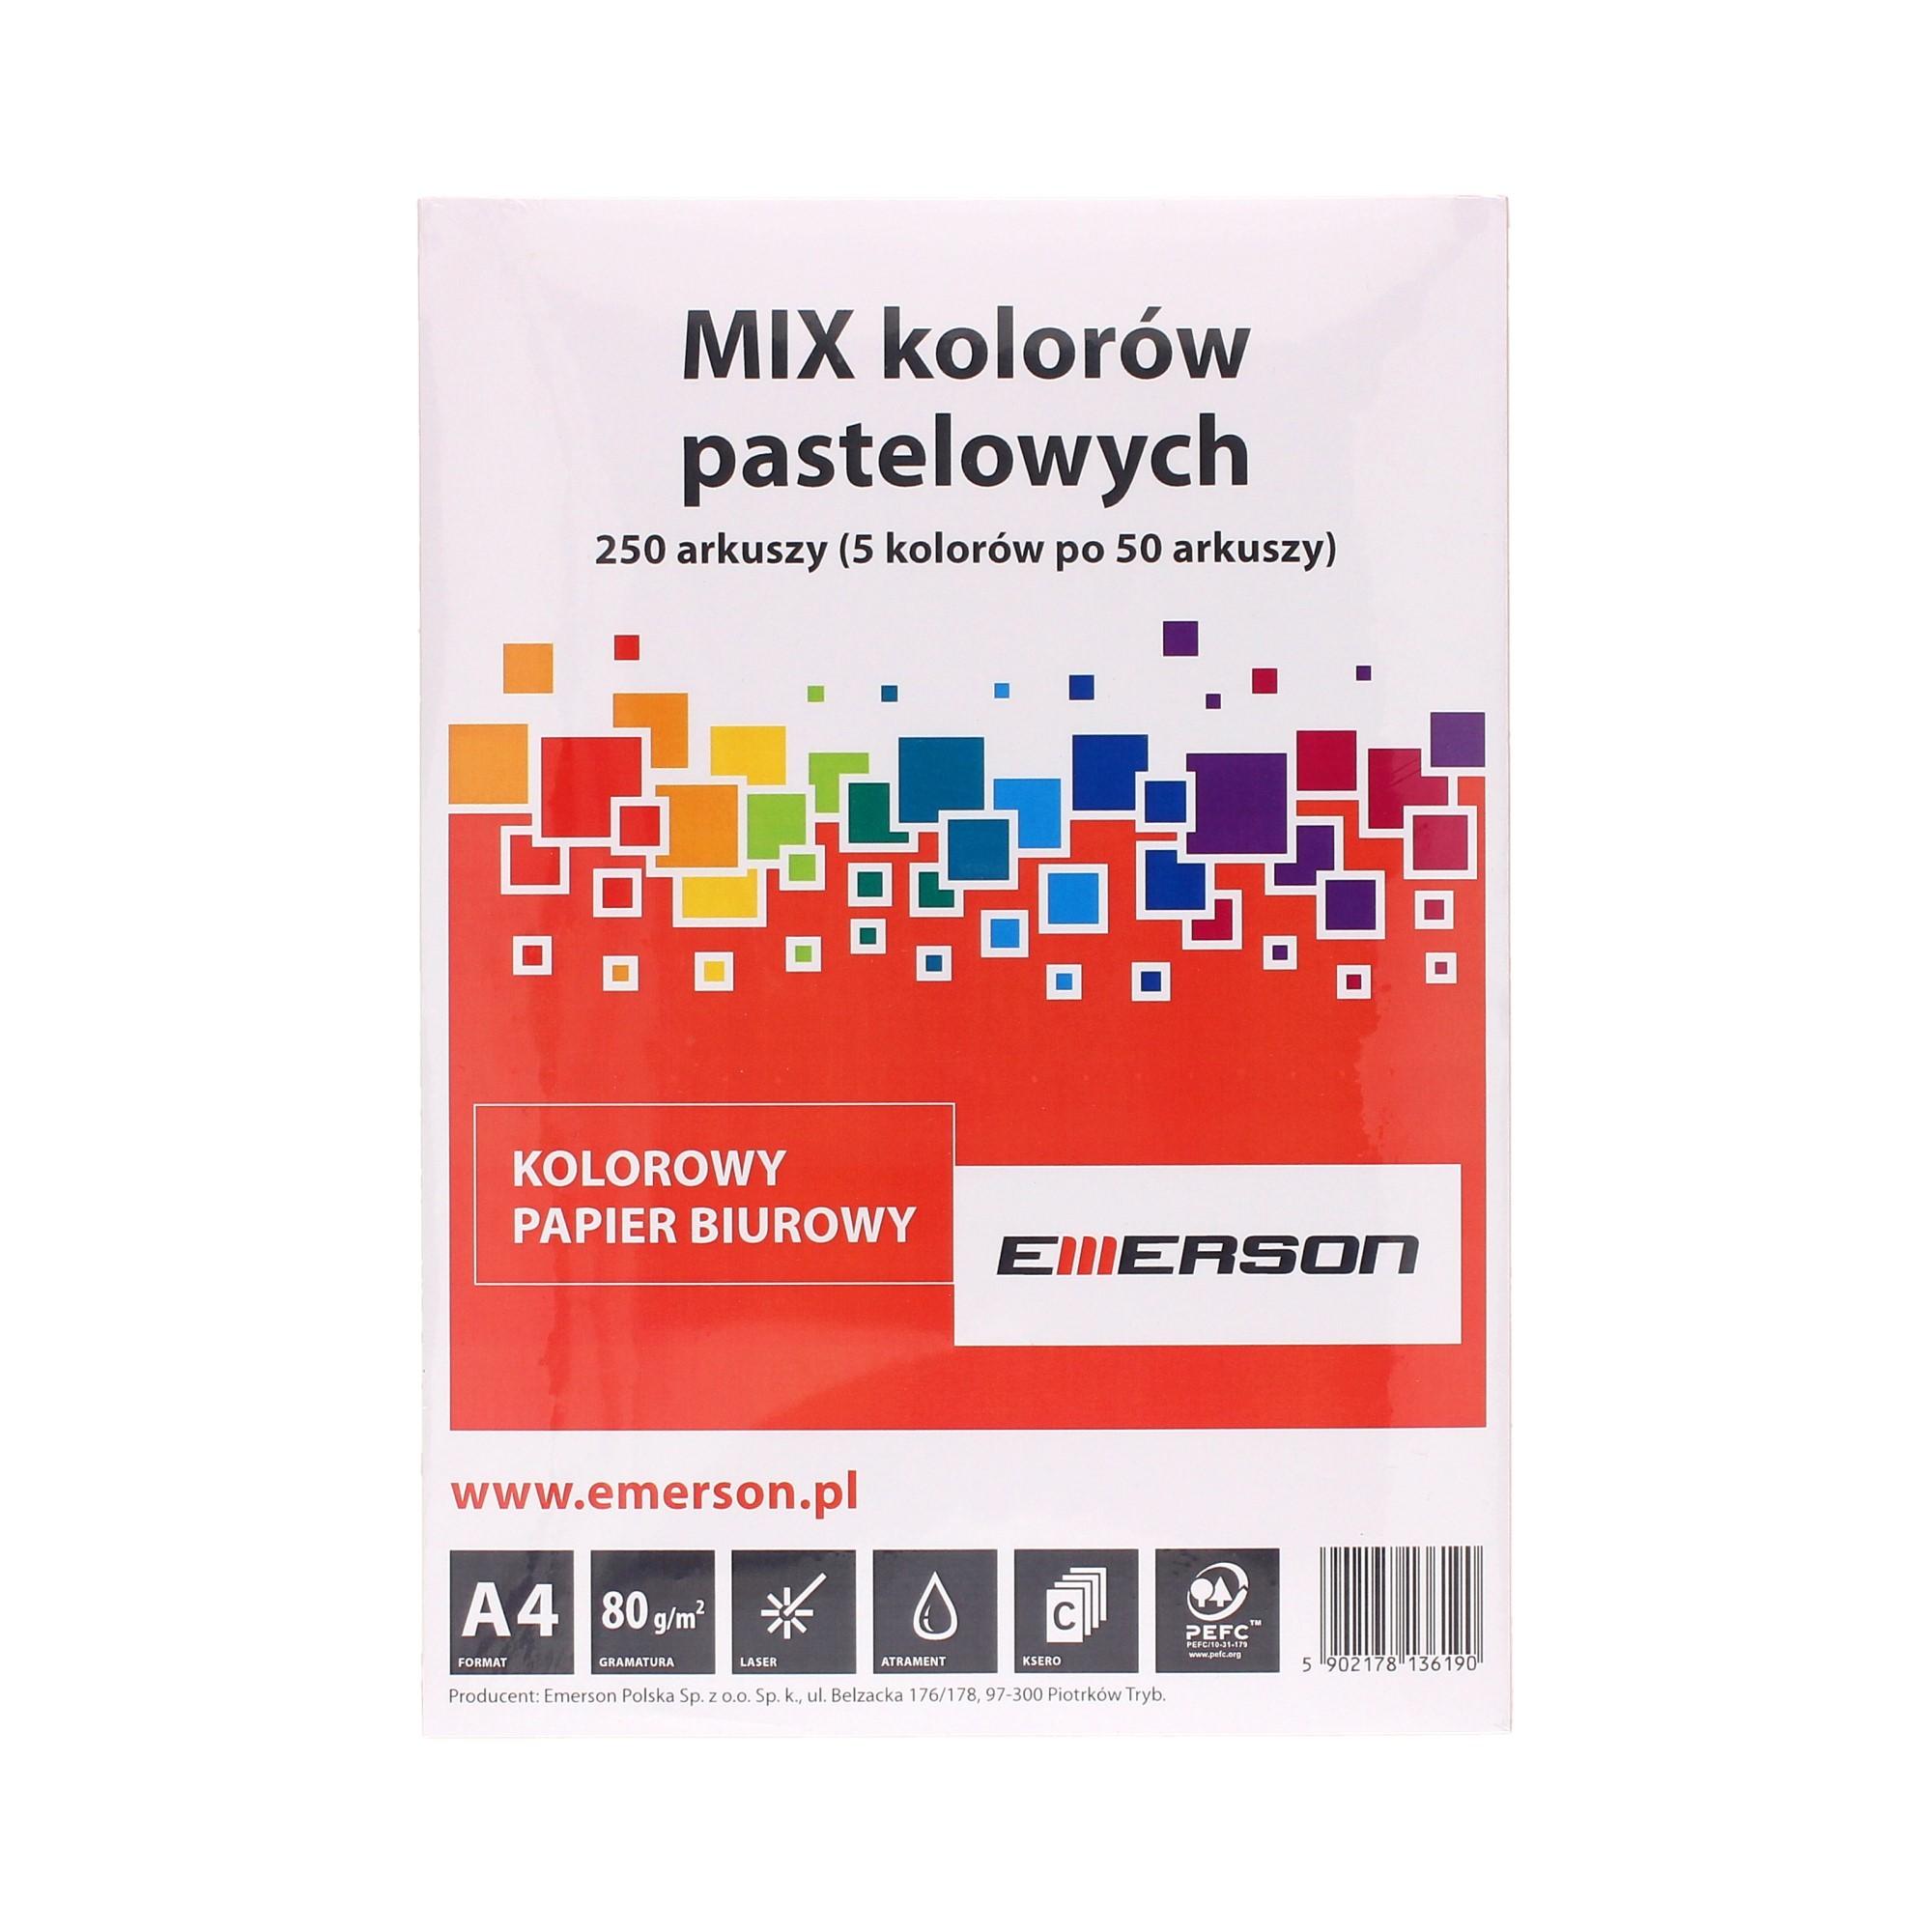 Papier ksero A4 80g mix kolorów pastelowych Emerson (250)